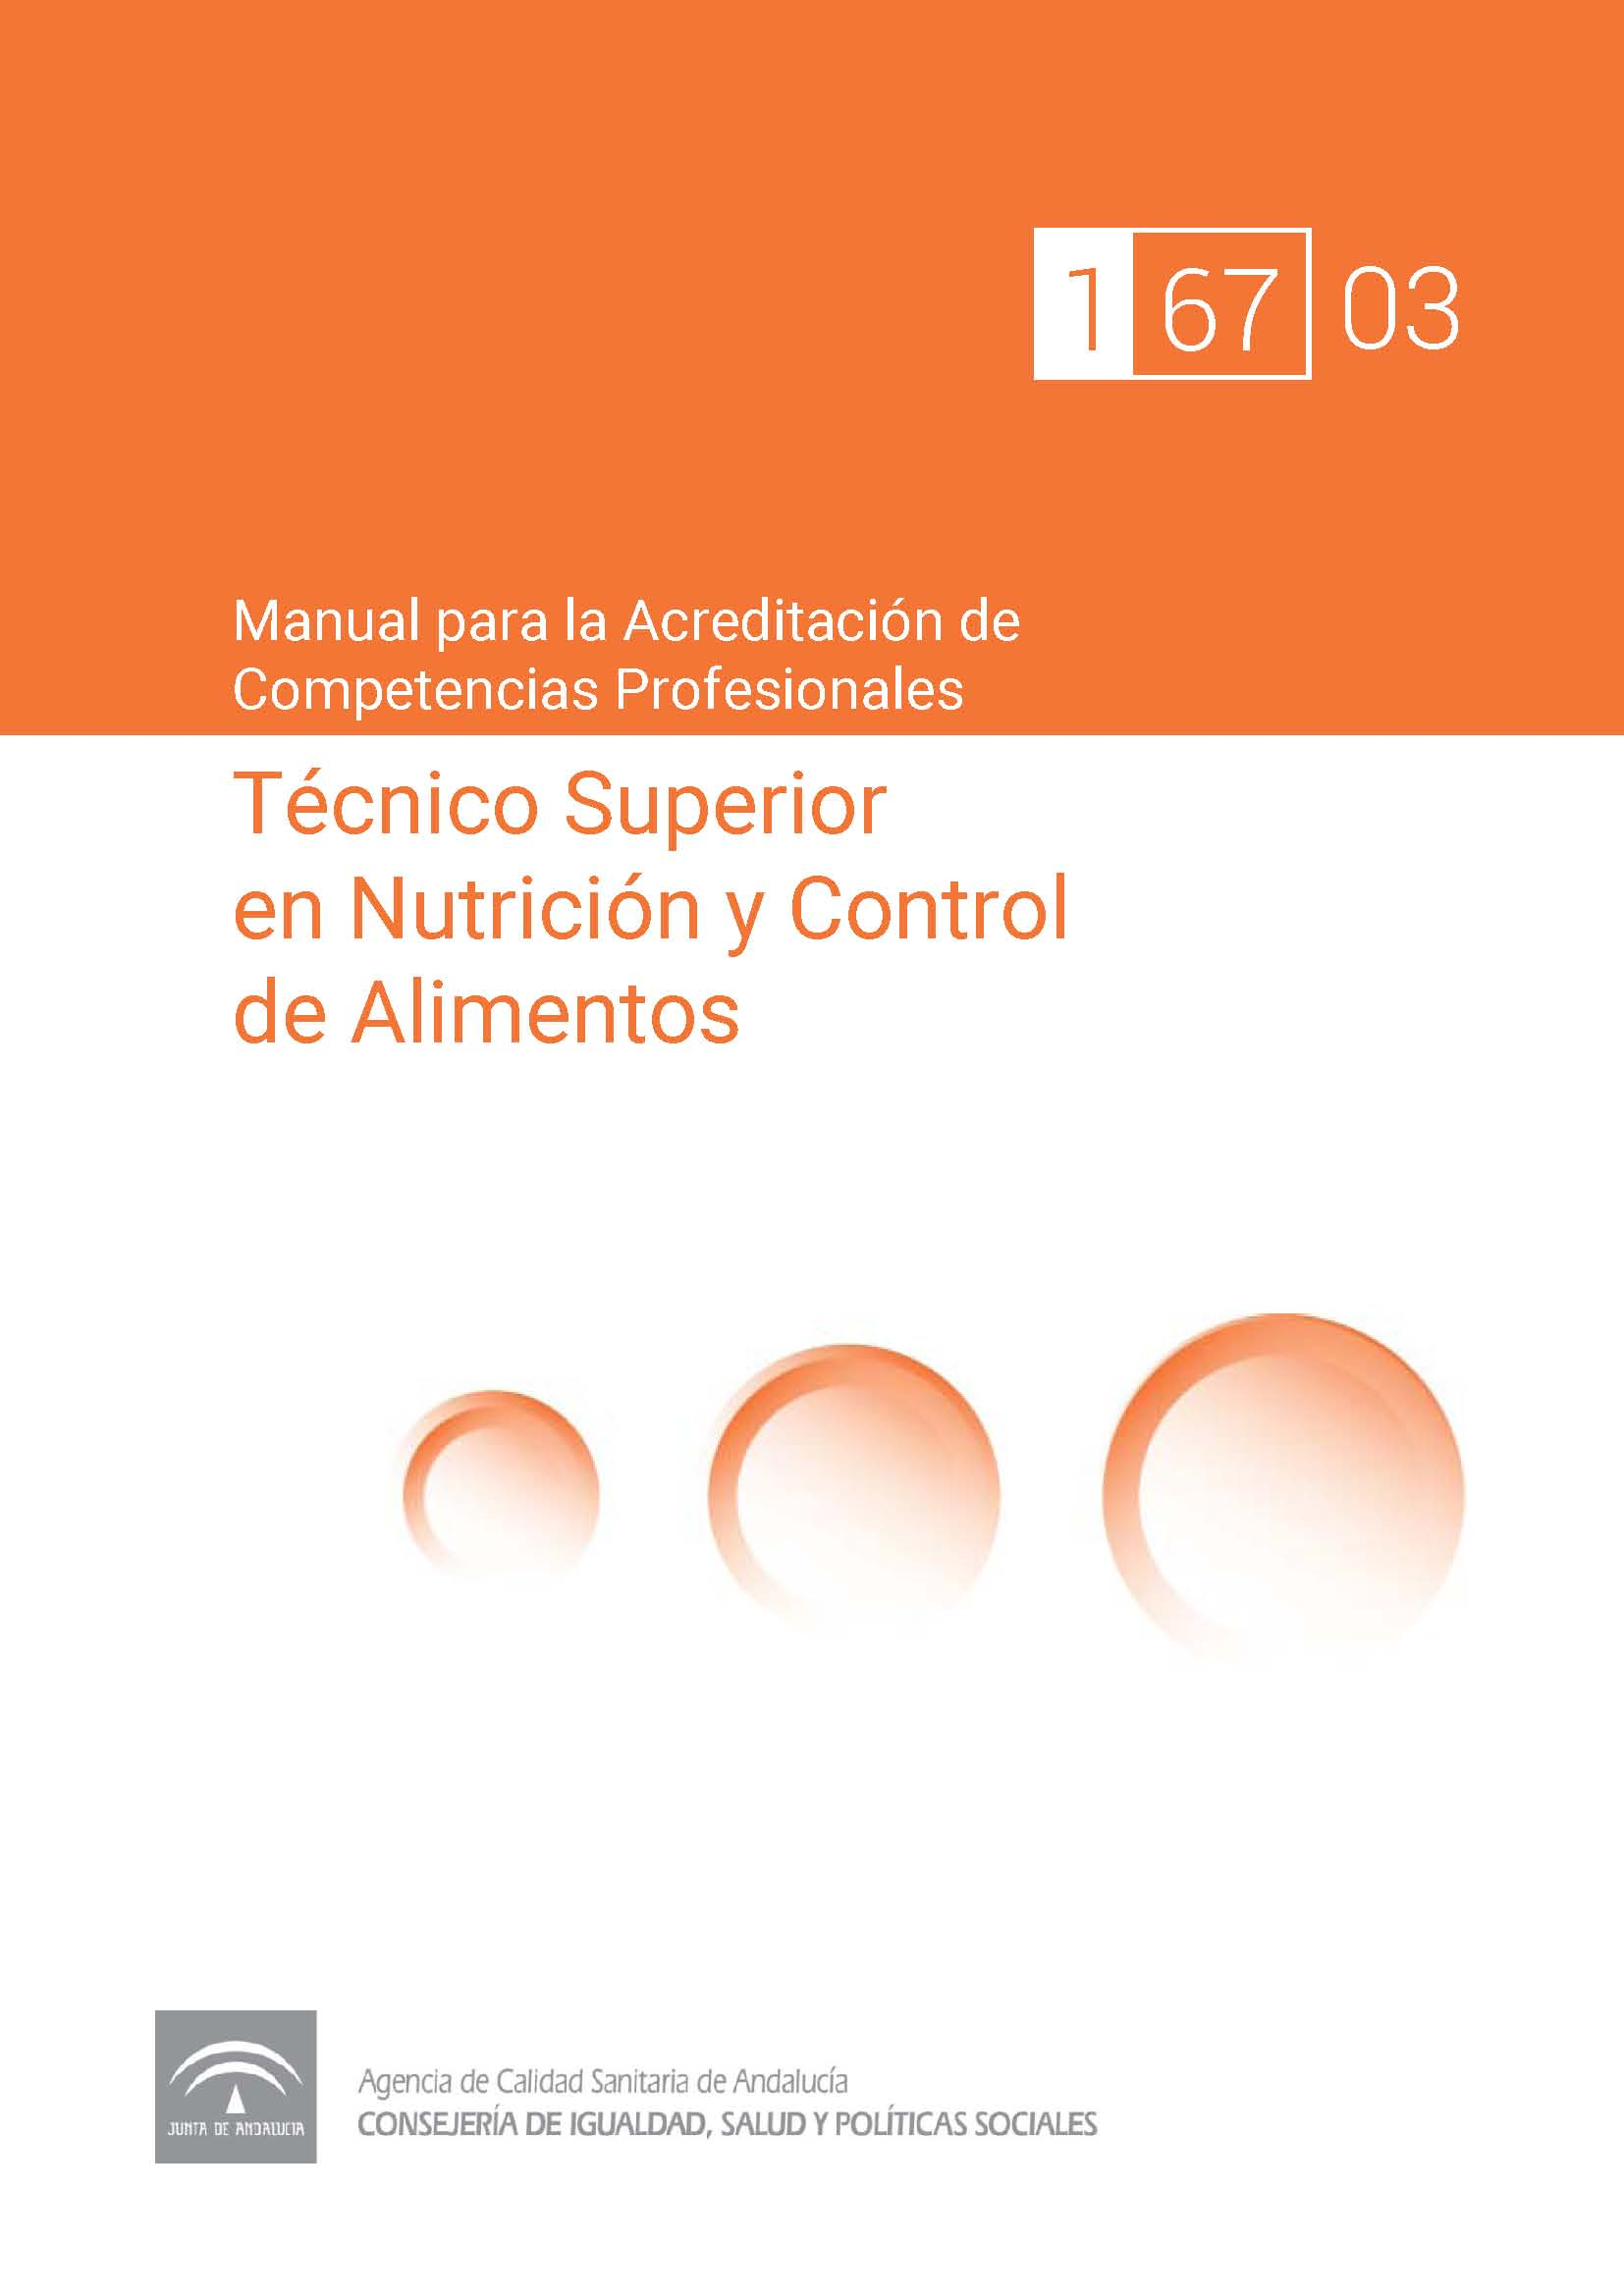 Manual de competencias profesionales del/de la Técnico/a Superior en Nutrición y Control de Alimentos